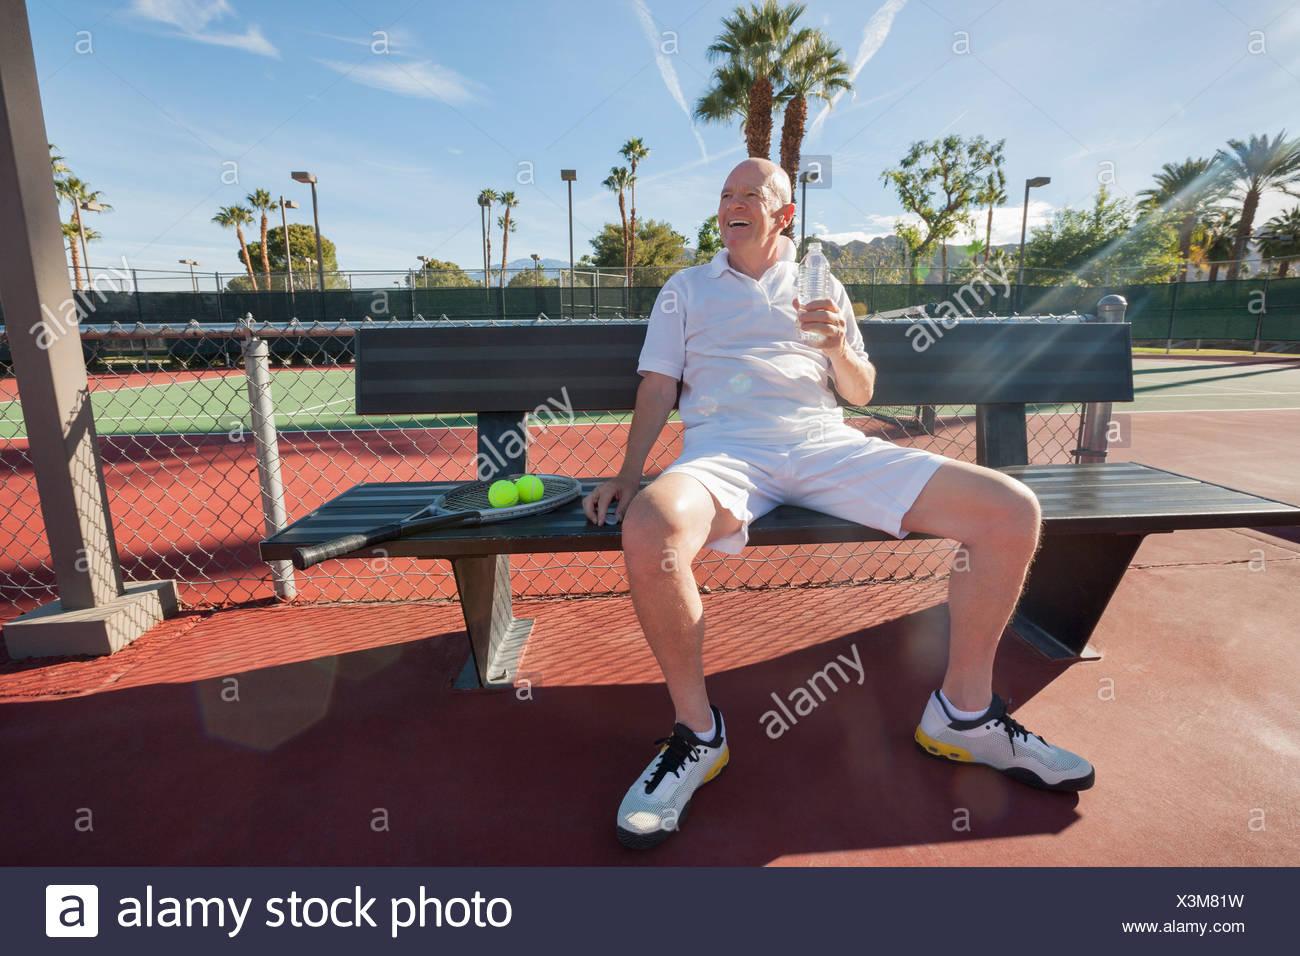 Felice senior tennista con acqua in bottiglia seduta sul banco a corte Immagini Stock